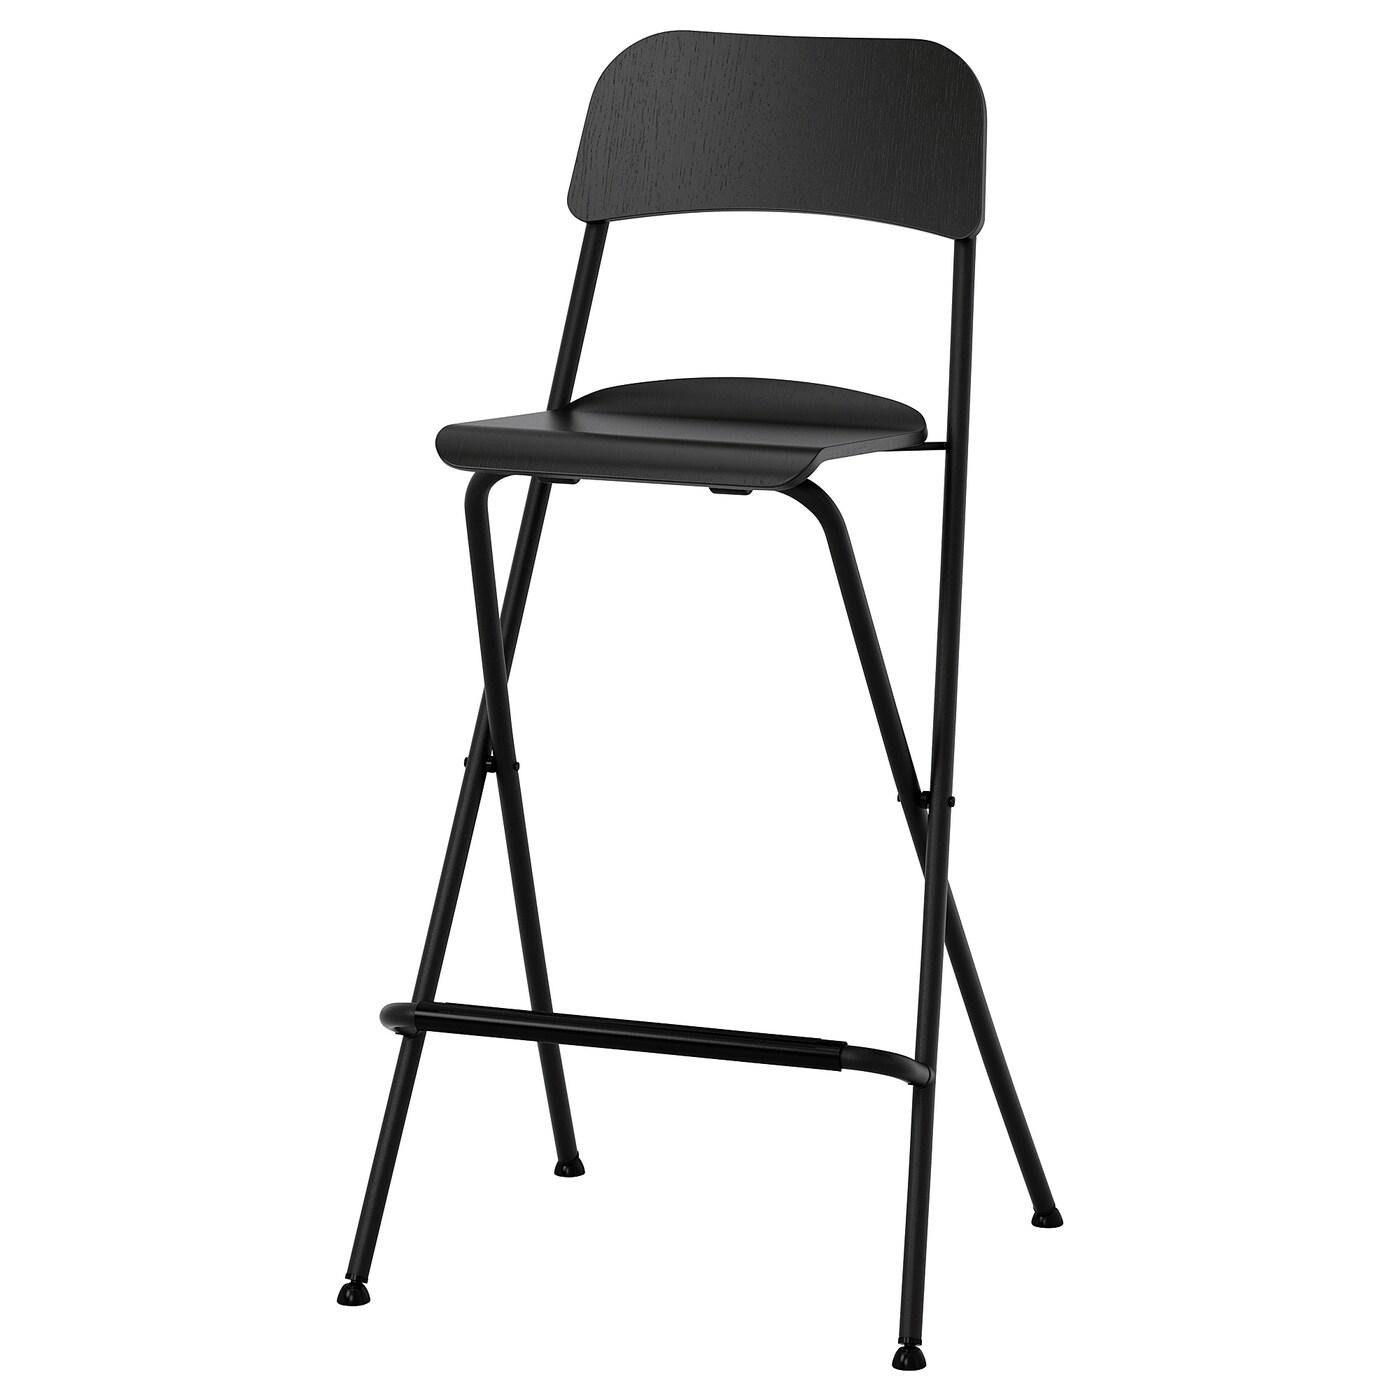 FRANKLIN Bar stool with backrest, foldable - black/black 10 cm